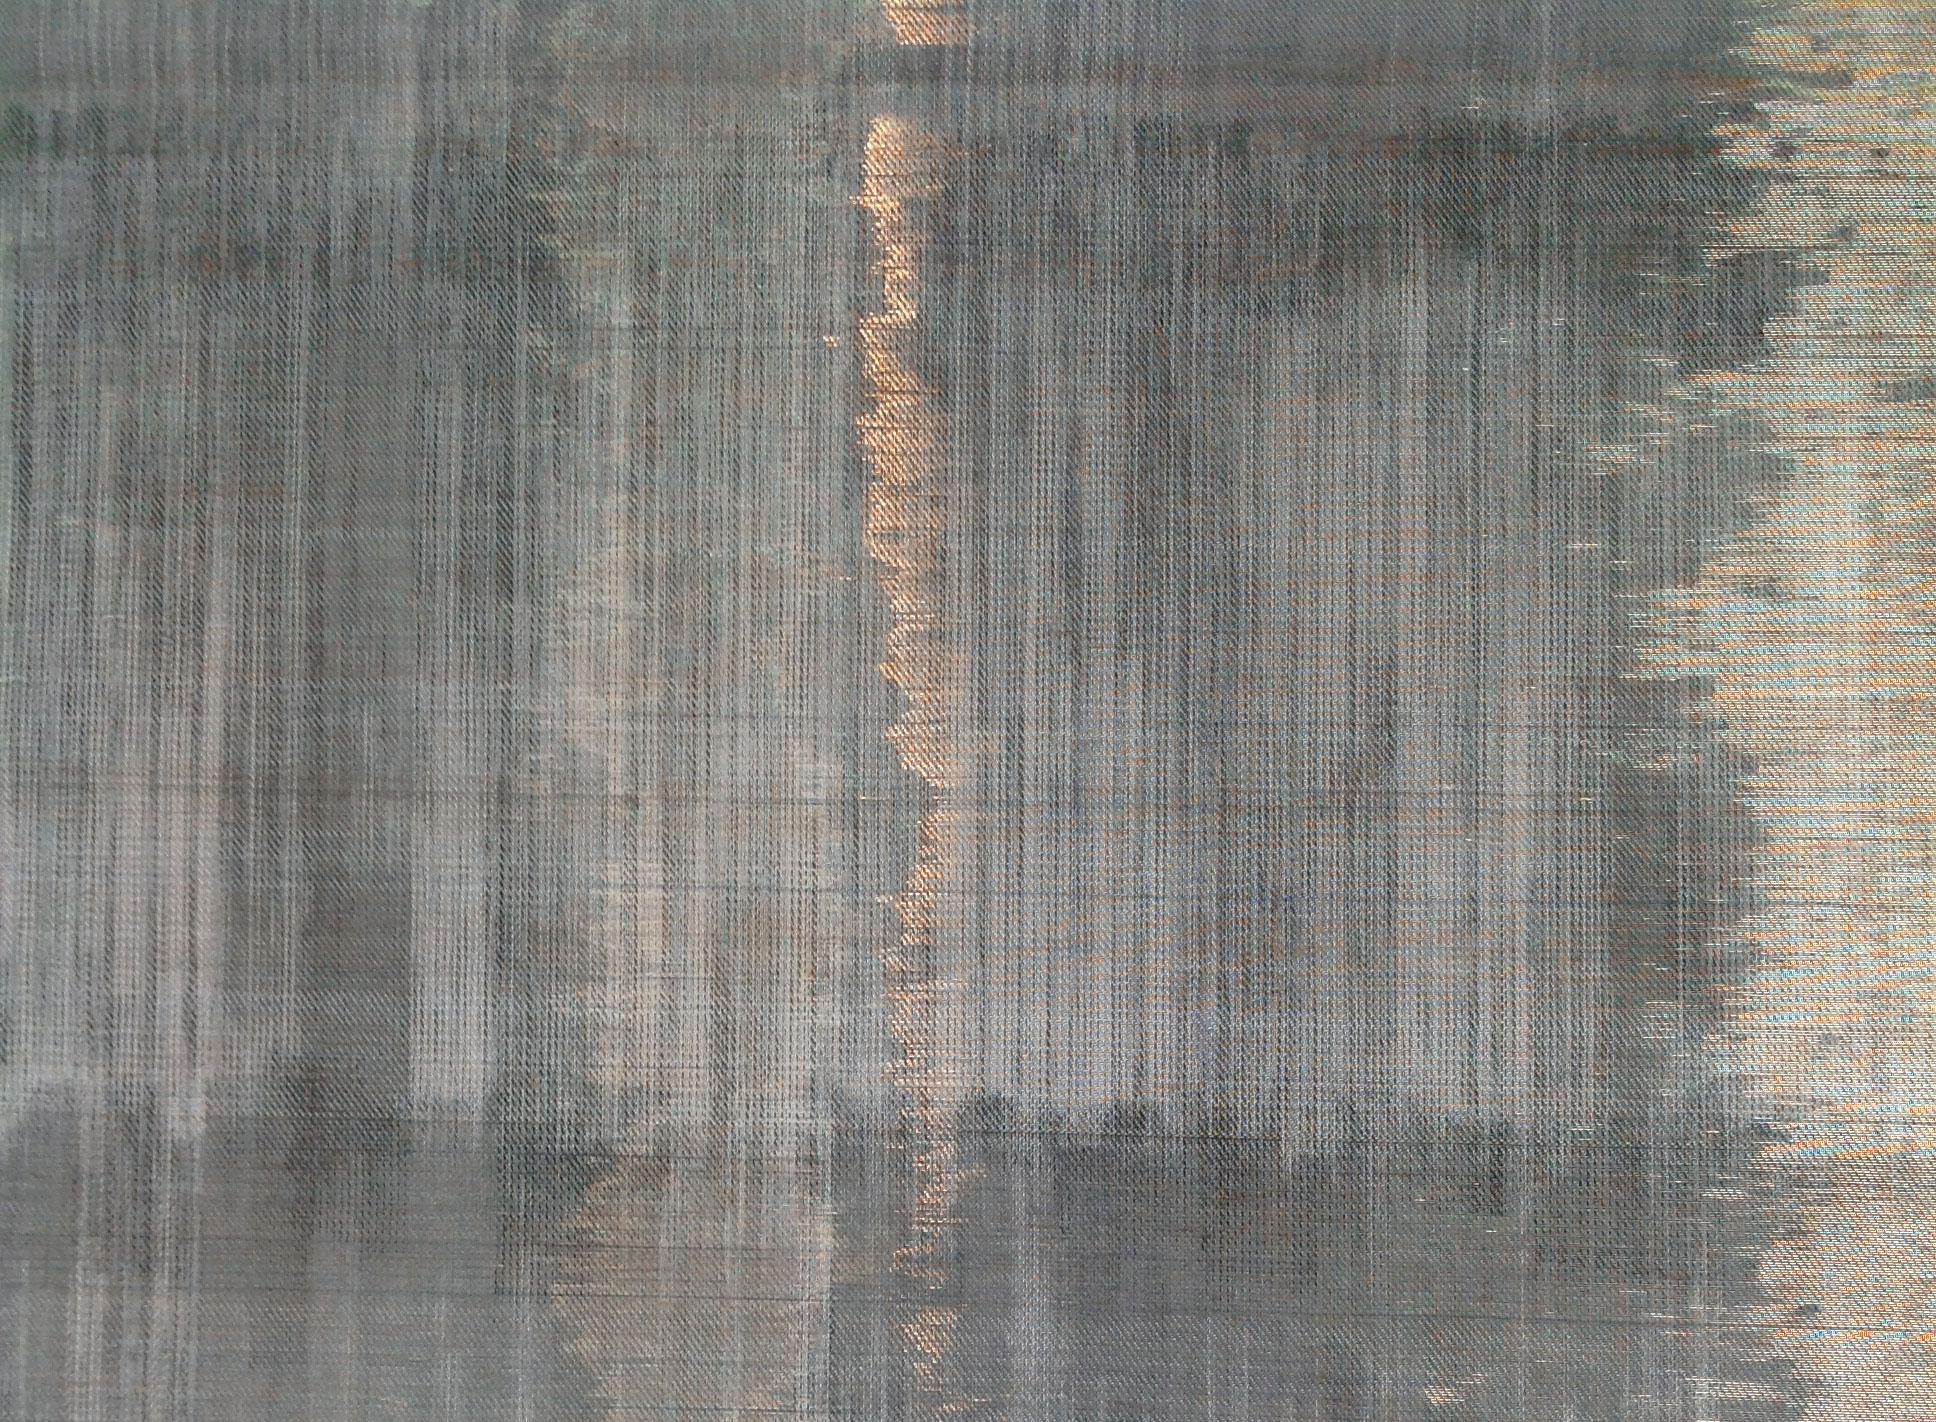 FÉMTEXTIL - Tervező: Kovács MónikaTermékismertető: A tervező a kortárs építészet és a textil lehetséges új kapcsolódási pontjait keresi. Kollekciójában tradicionális kézi szövésű technikákkal kísérletezik, s ehhez formabontó módon különböző fémszálakat használ. A szövetstruktúrát sárgaréz-, vörösréz- és acélszálak beépítésével alakítja ki. A felületet a szálak roncsolásával formálja. Az épített környezetben az időjárás változásainak kitett fémek korróziója nyomán új mintarétegek, sokszínű, organikus mintázatok jönnek létre. Ezen korrodált felületek direkt használata mára gyakran használt formanyelvé vált a kortárs építészetben. Ennek nyomán a tervezőt Steven Holl, Peter Zumthor építészek inspirálták. Munkáikon a természet eróziós hatását az idő, negyedik dimenzió megjelenítésére használják fel. Épületeiken a korrodált felületek díszítő elemként jelennek meg, ezzel létrehozva a tér-idő holisztikus egységét. Céljuk az idő-pillanat, a folytonos változás, azaz az időtlenség filozófiájának megteremtése.